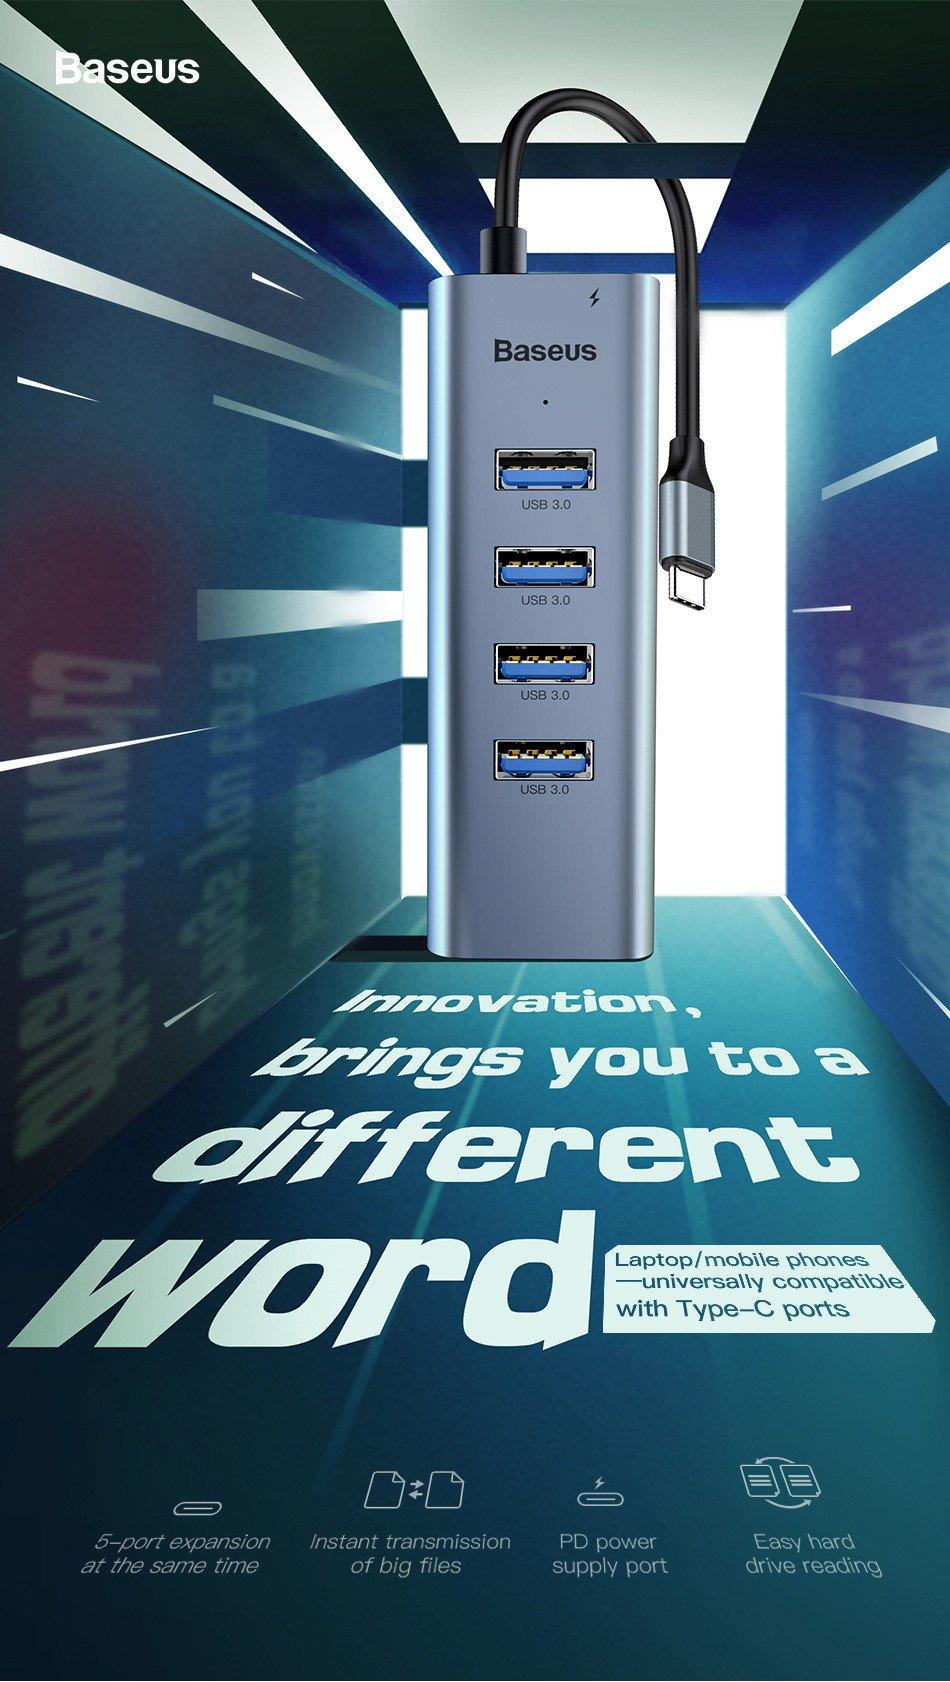 Hub cho Smartphone/ Table/ Laptop/ Macbook (5.0 Mbps) - Hub chuyển cổng Type C to 4 Port USB 3.0 + Type C Power Delivery - Baseus Enjoy Series - Hàng Chính Hãng